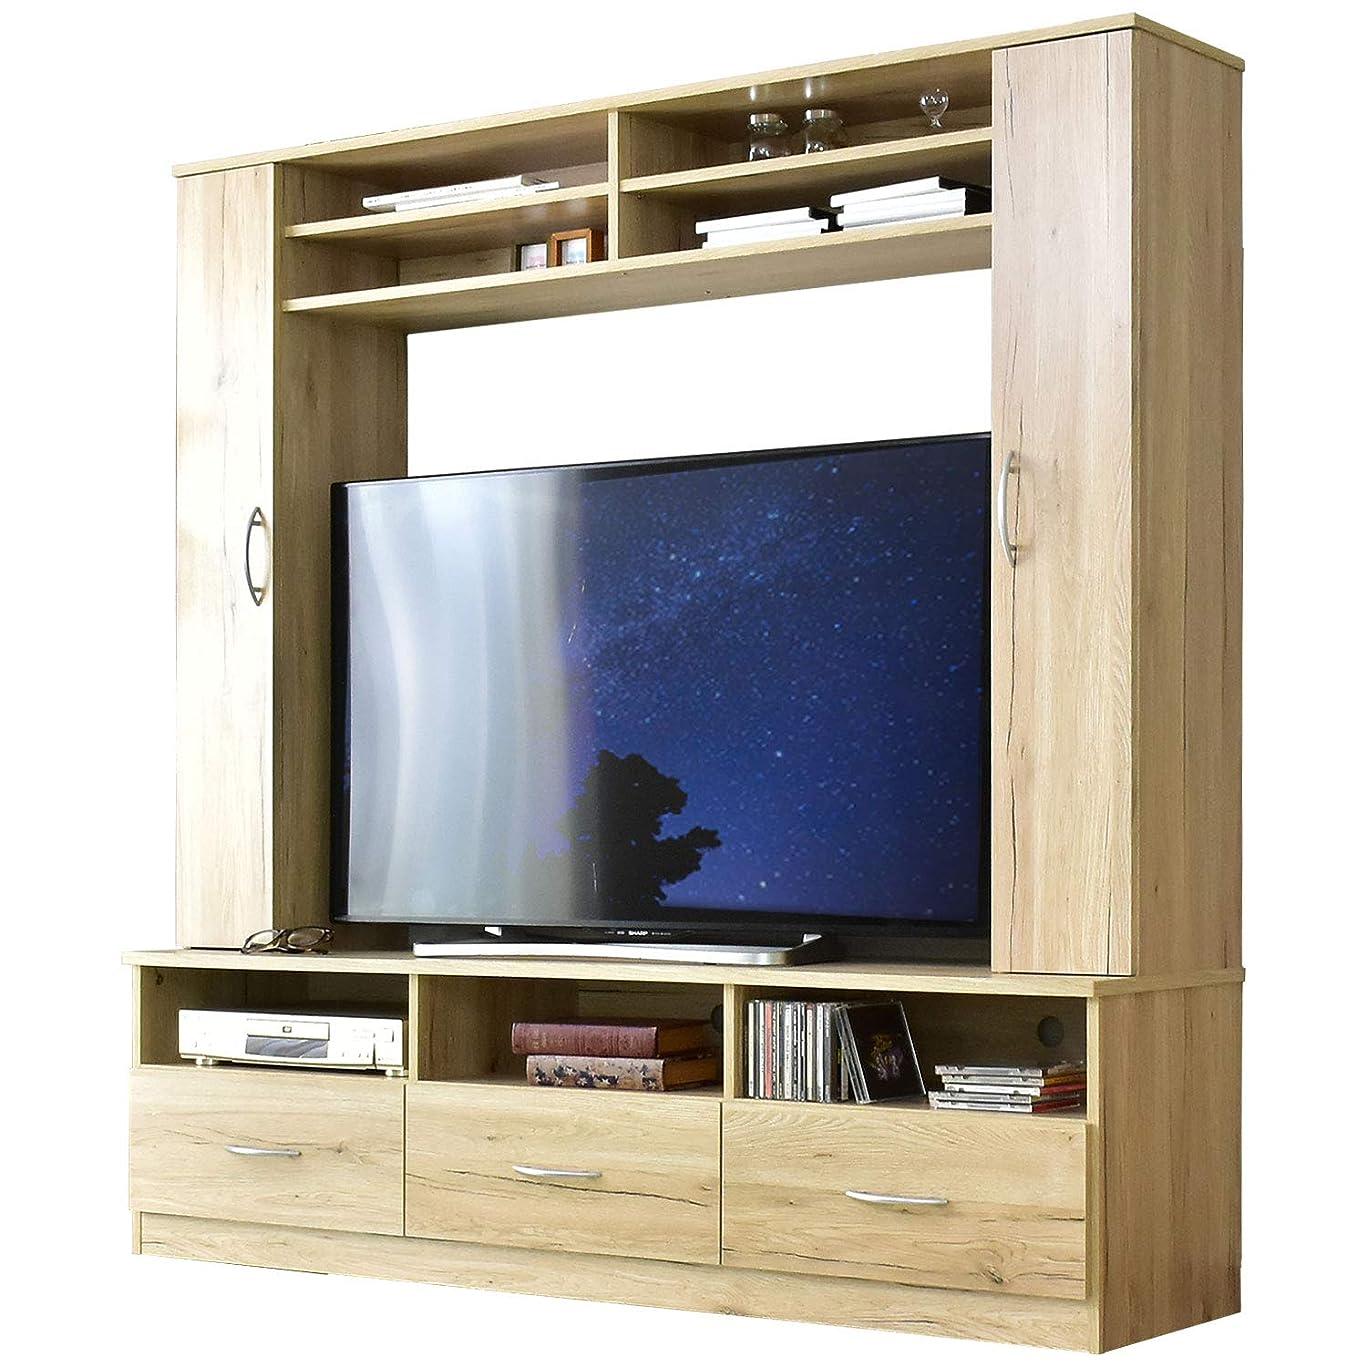 識別するバッチオーバーコートDORIS テレビ台 壁面収納 一体型 幅160cm テレビボード TVボード 46型対応 壁面ユニット 引き出し オープン収納 扉収納 組立式 ナチュラル ヴァント